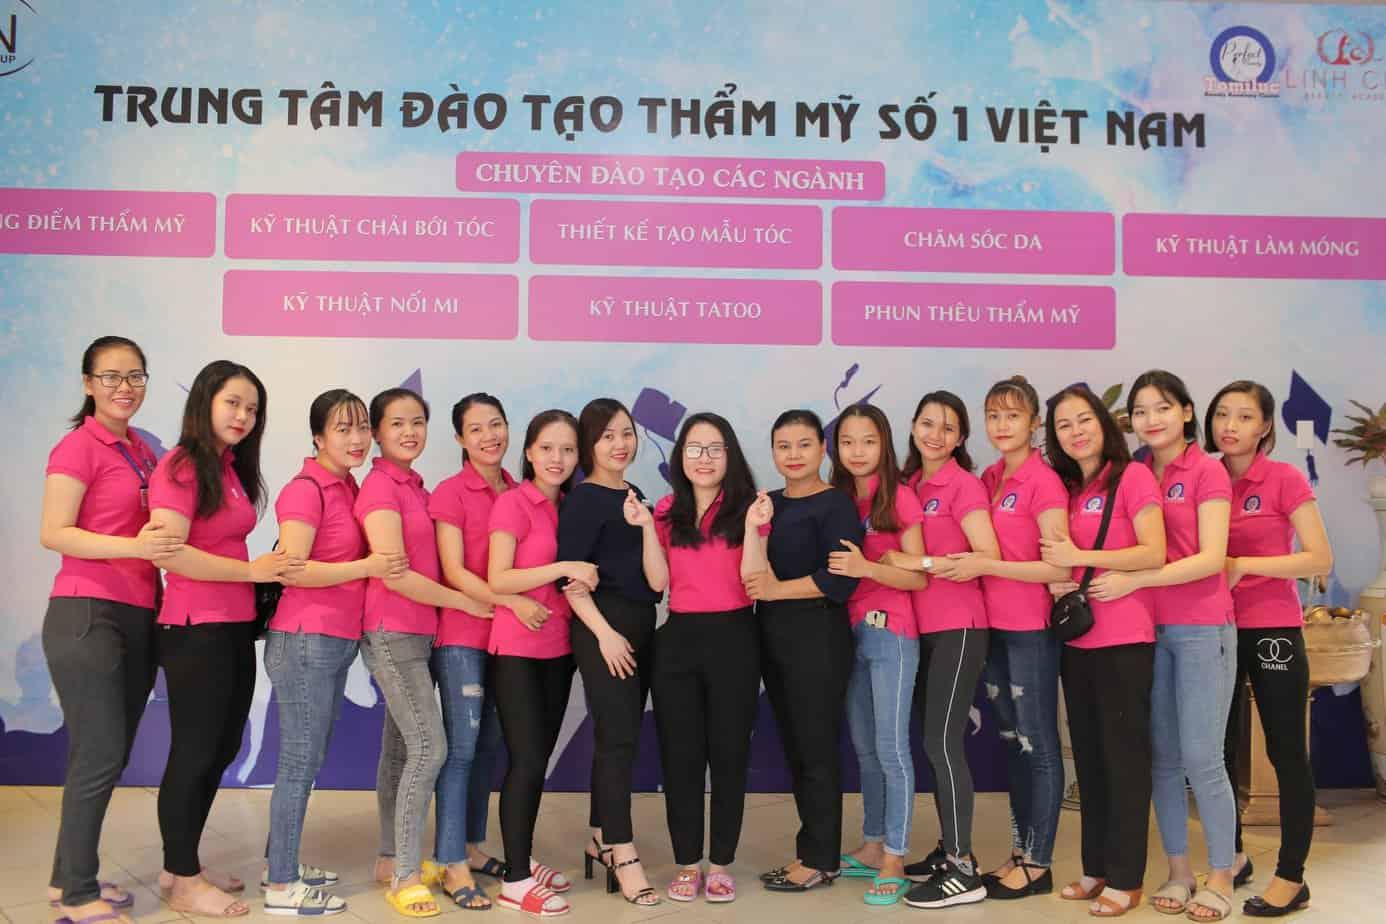 Top 5 Địa Chỉ Dạy Nối Mi Uy Tín Nhất Quận Phú Nhuận - địa chỉ dạy nối mi tại quận phú nhuận - Học viện thẩm mỹ Miss Trâm | Học viện thẩm mỹ New Gem | Trung tâm đào tạo thẩm mỹ Linh Chi 23